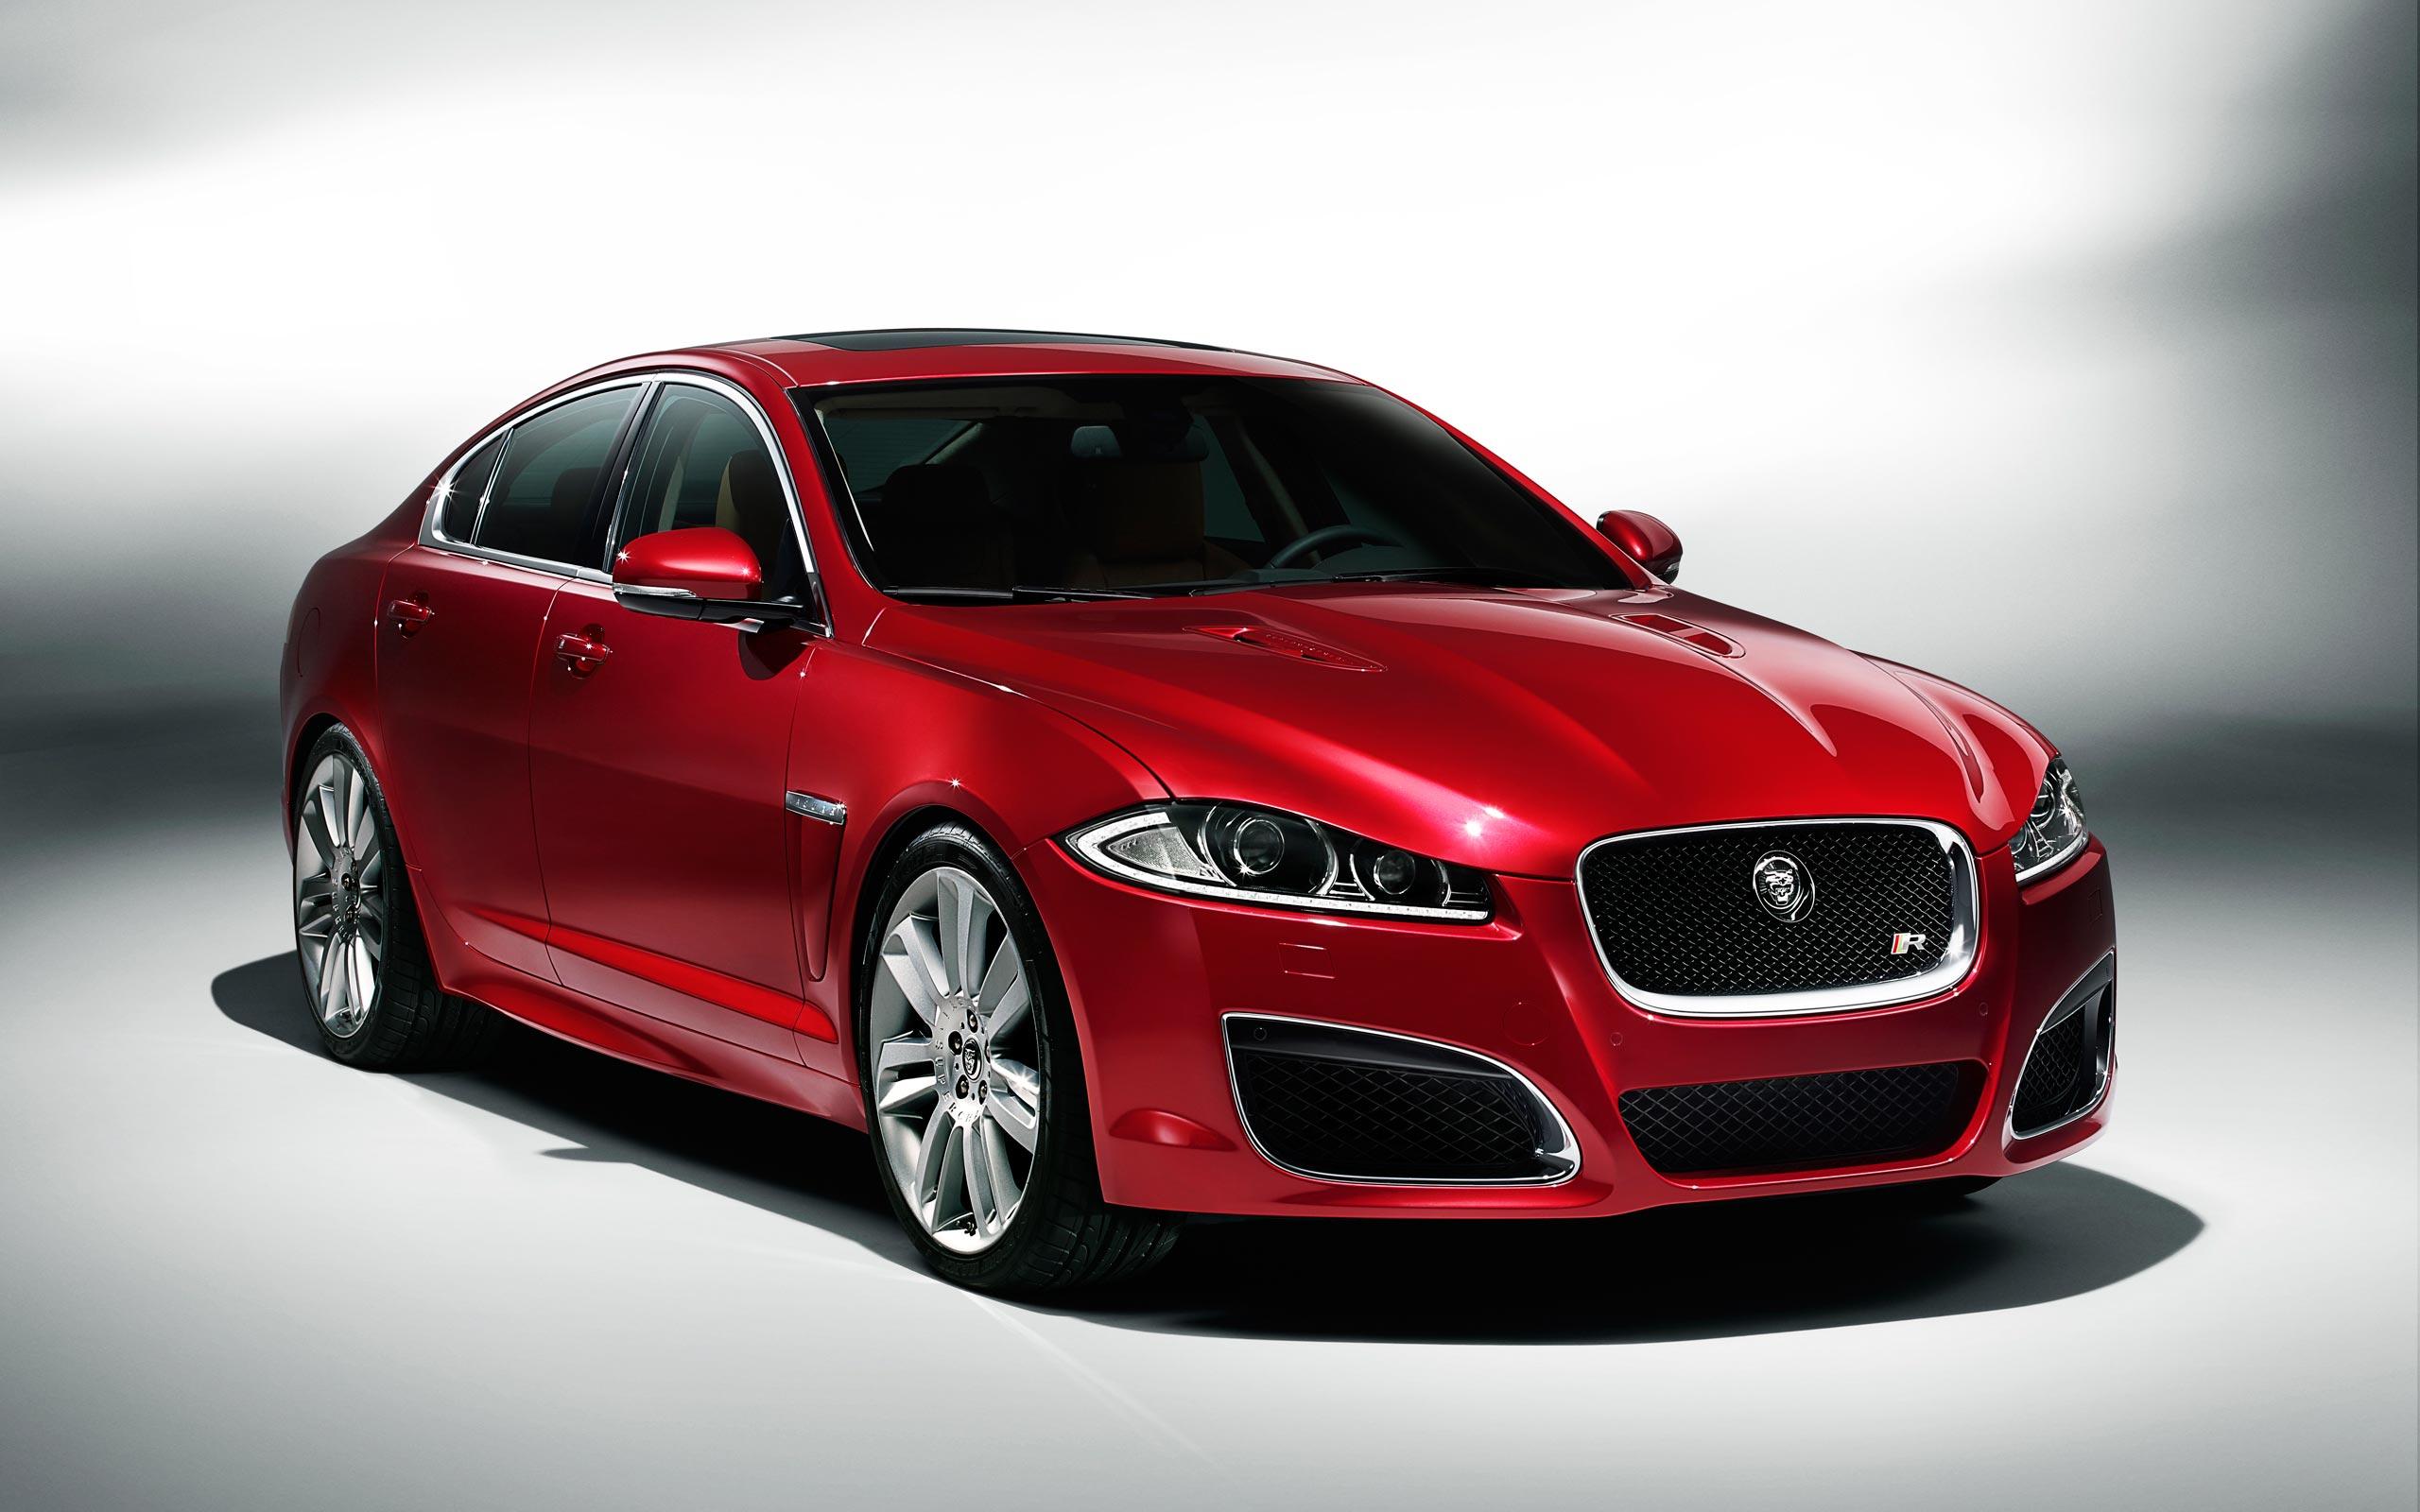 jaguar xf red